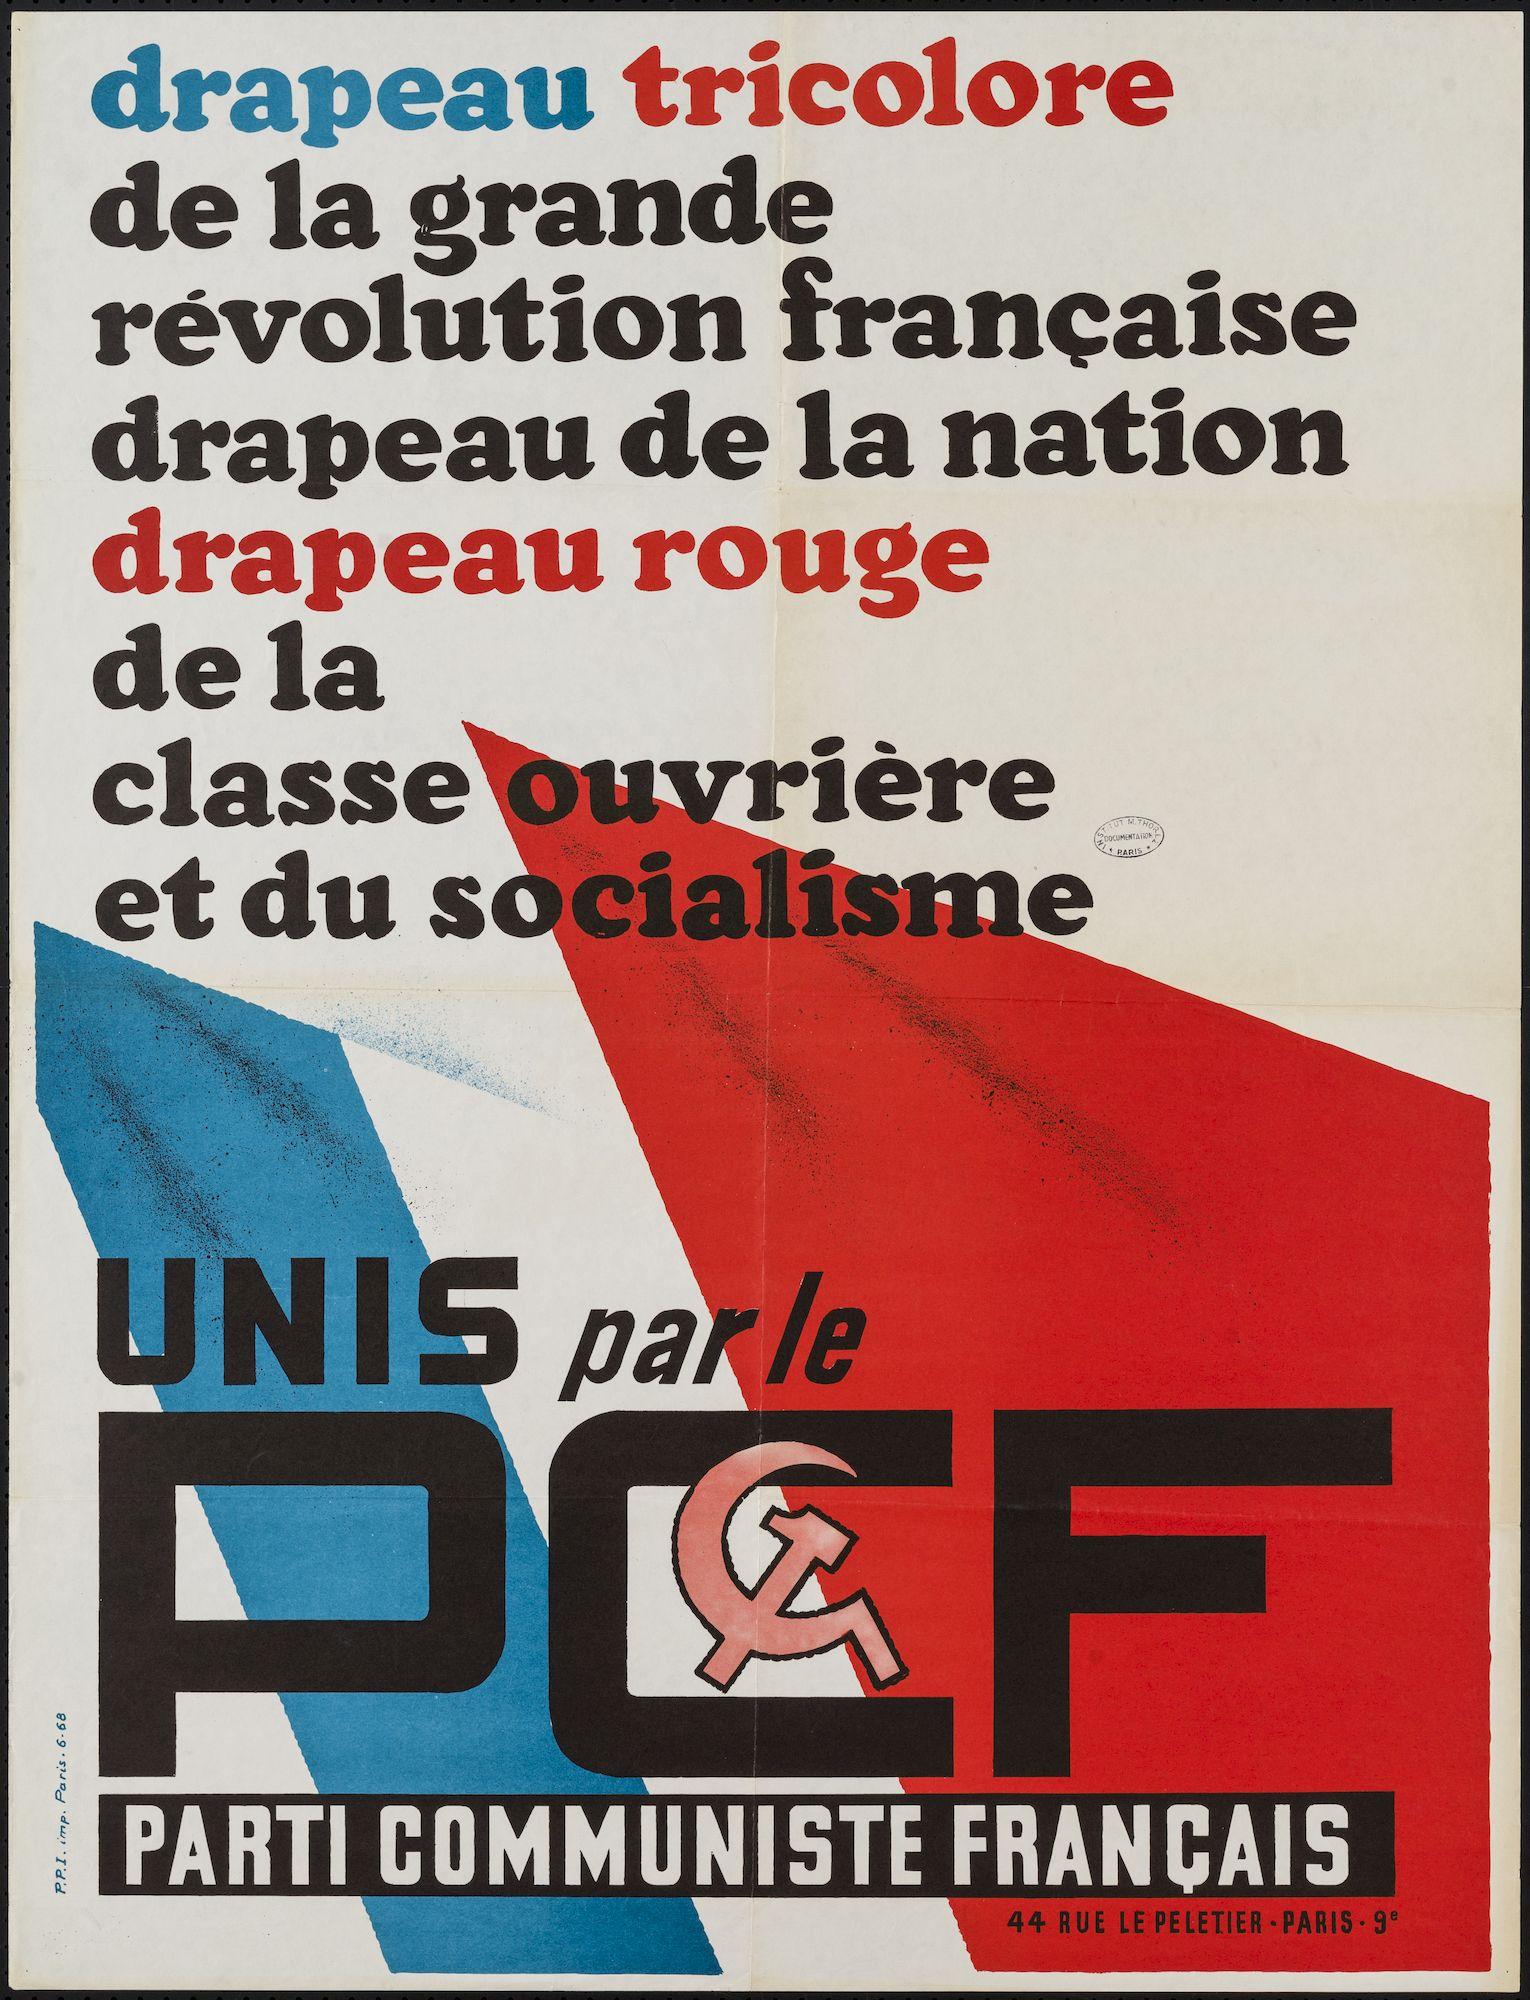 Le PCF en France : 100 ans d'histoire extraordinaire